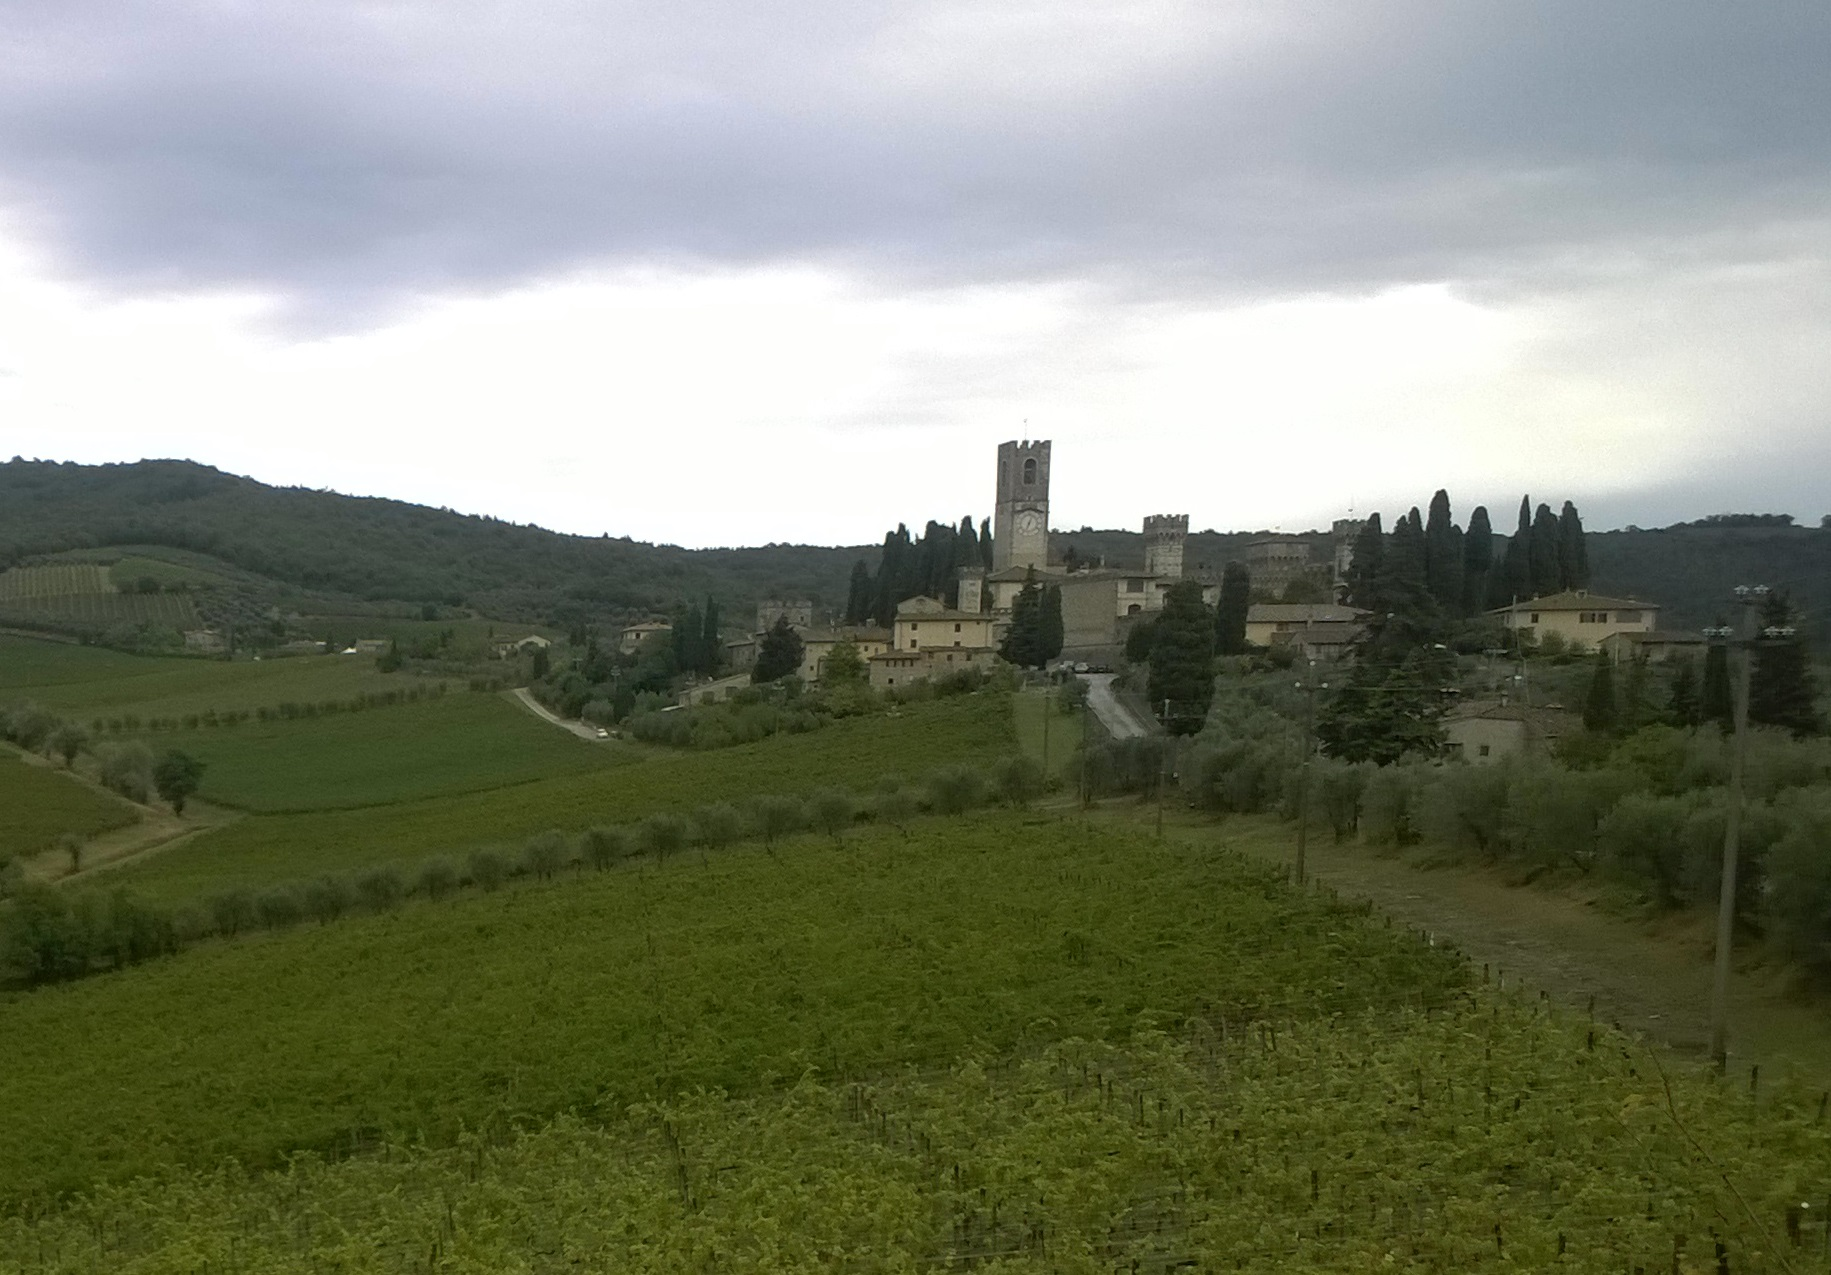 Badia di Passignano